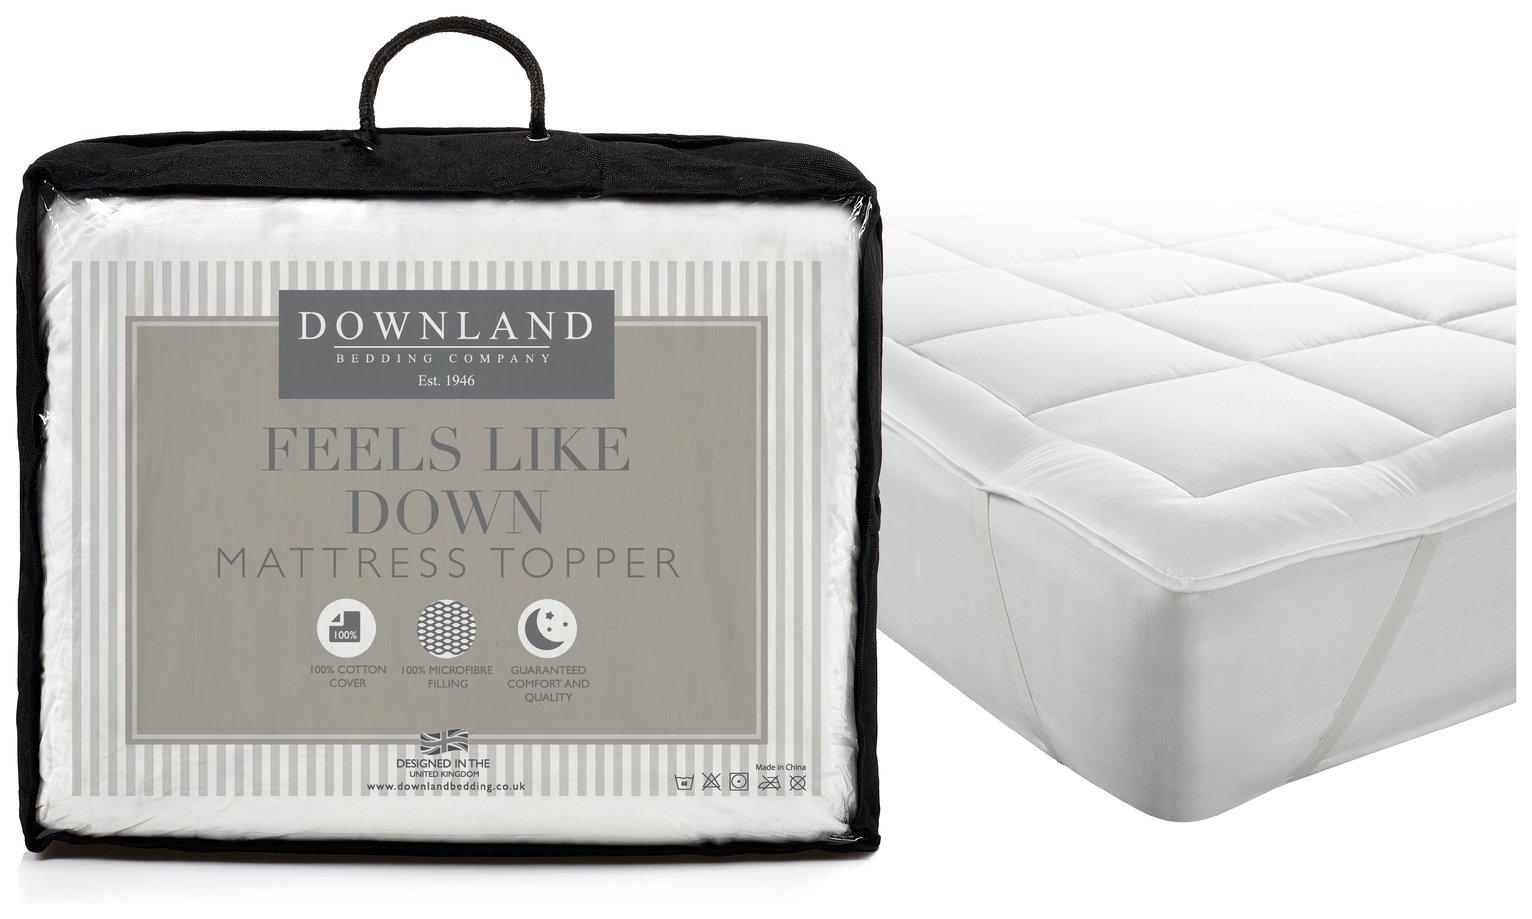 Downland Feels Like Down Mattress Topper - Single